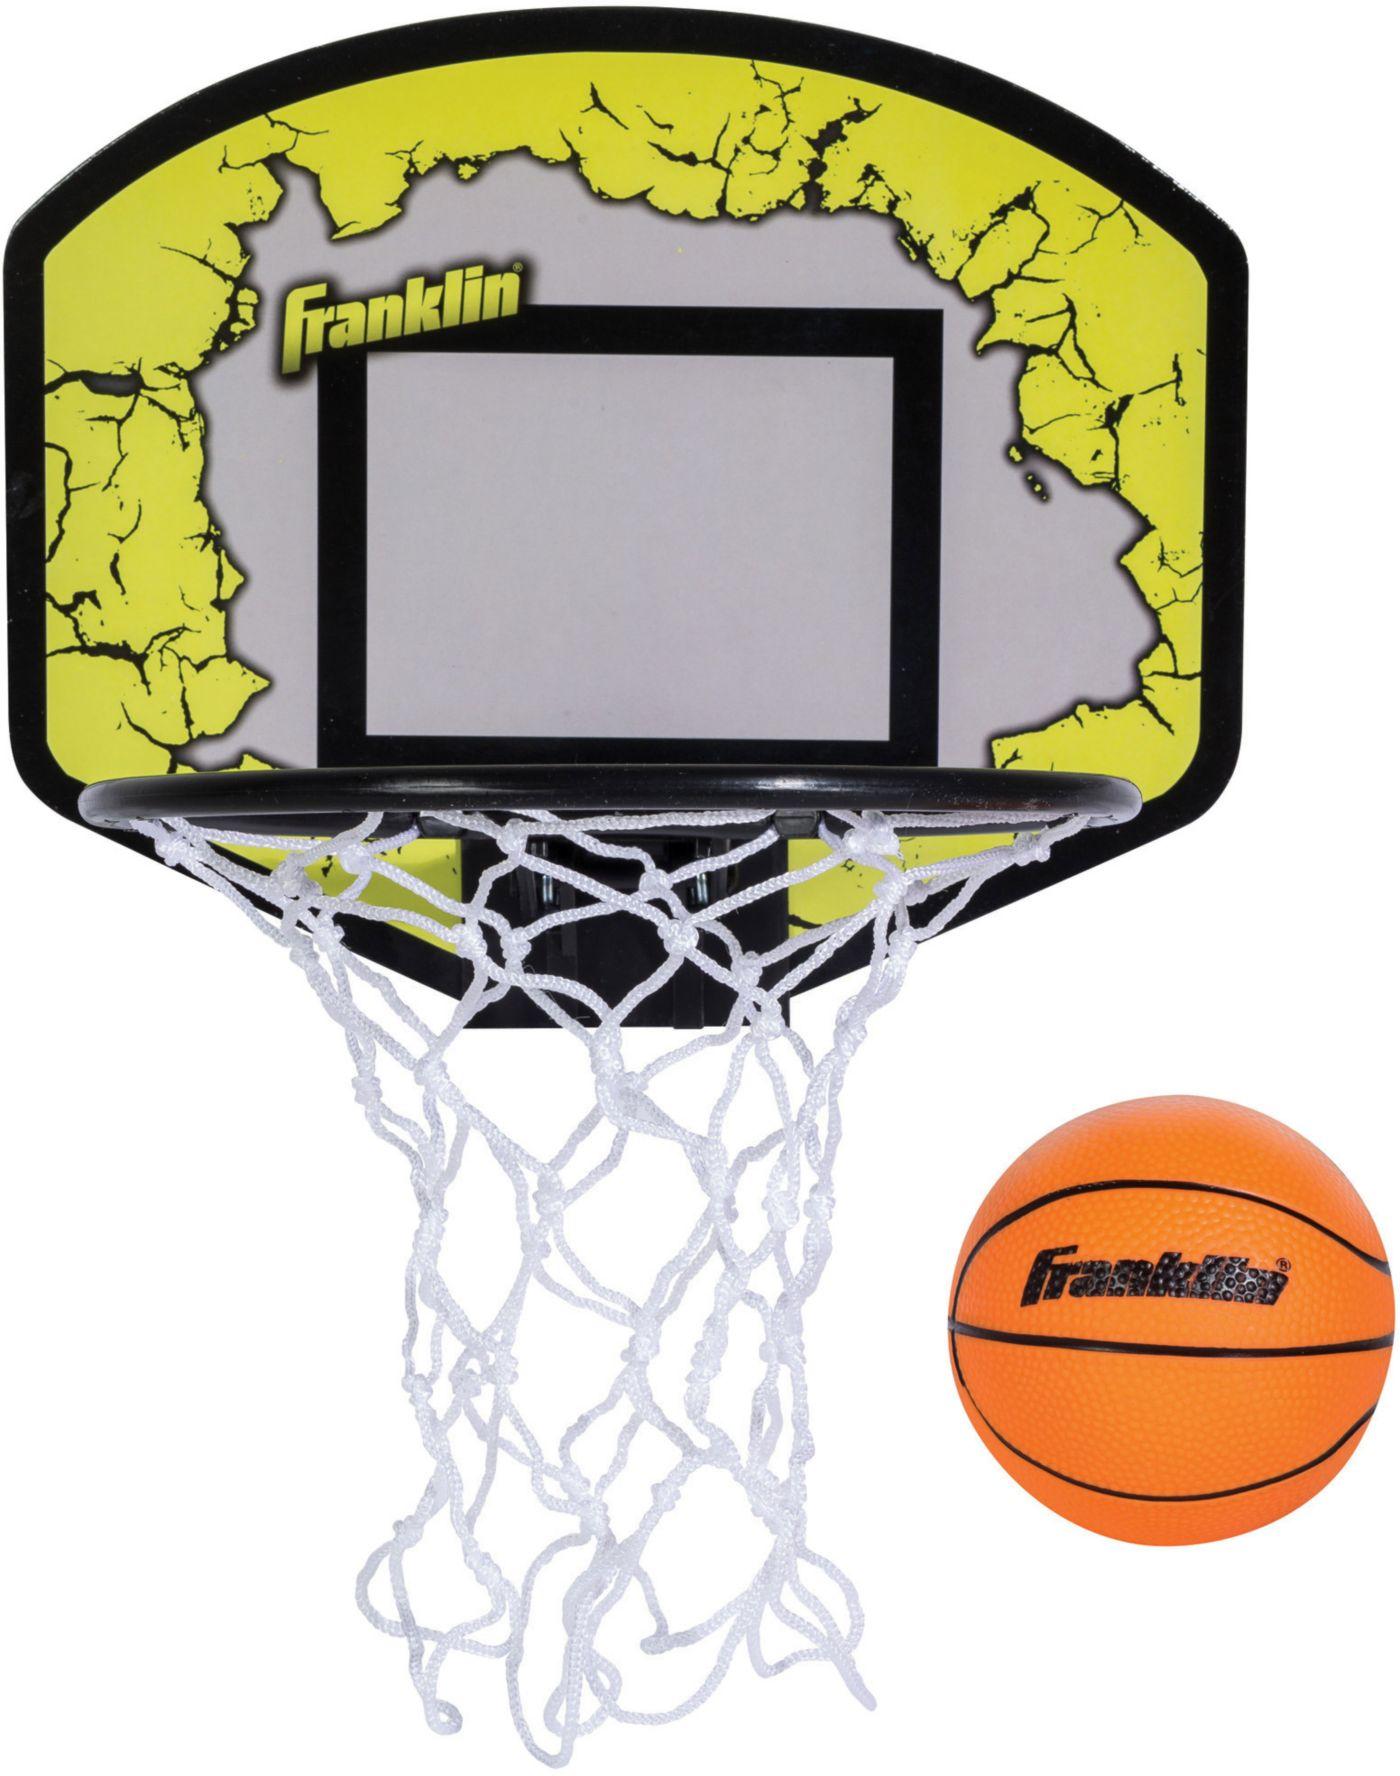 Franklin Go-Pro Basketball Hoop Set